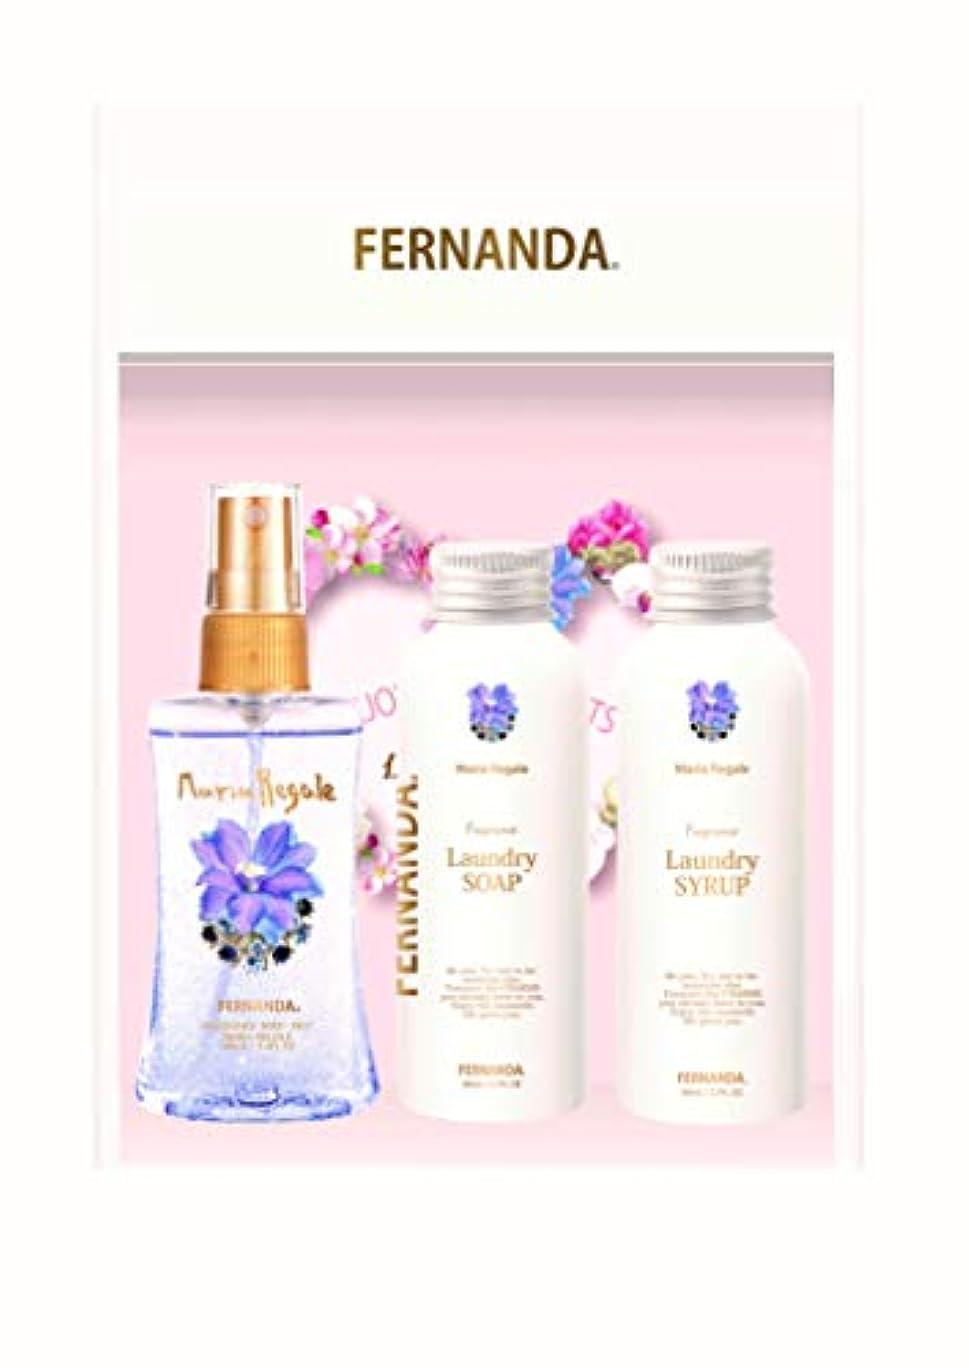 下品幅スペインFERNANDA(フェルナンダ)Mist & Laundry Soap & Laungry Syrup Gift Set Maria Regale (ミスト&ランドリーソープ & ランドリーシロップ ギフトセット マリアリゲル)